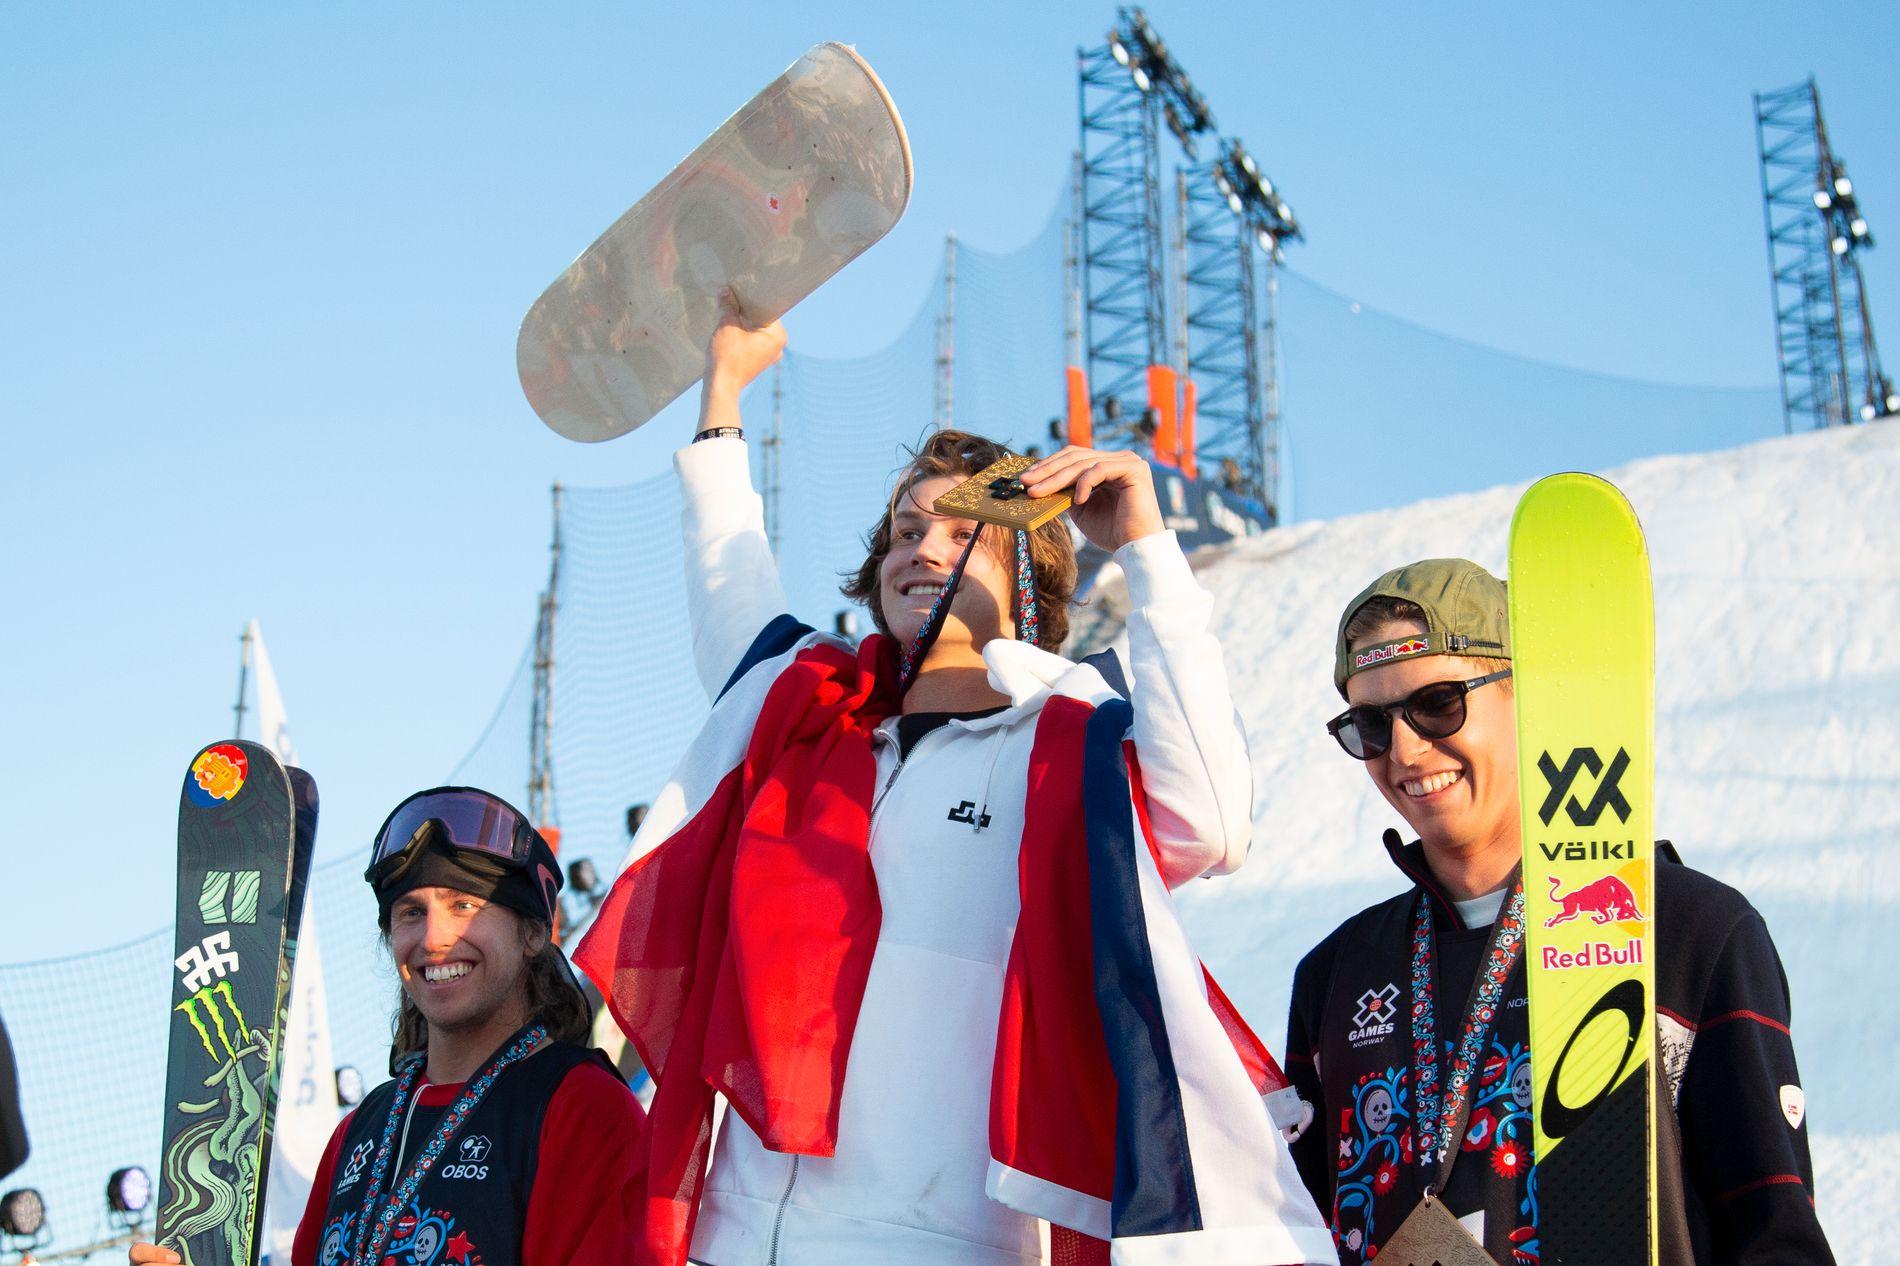 KLAR FOR NYTT GULL: Birk Ruud (18) vant Big Air-konkurransen på ski i X Games på Fornebu i mai, foran svenske Henrik Harlaut og Norges OL-gullvinner Øystein Bråten (t.h.).